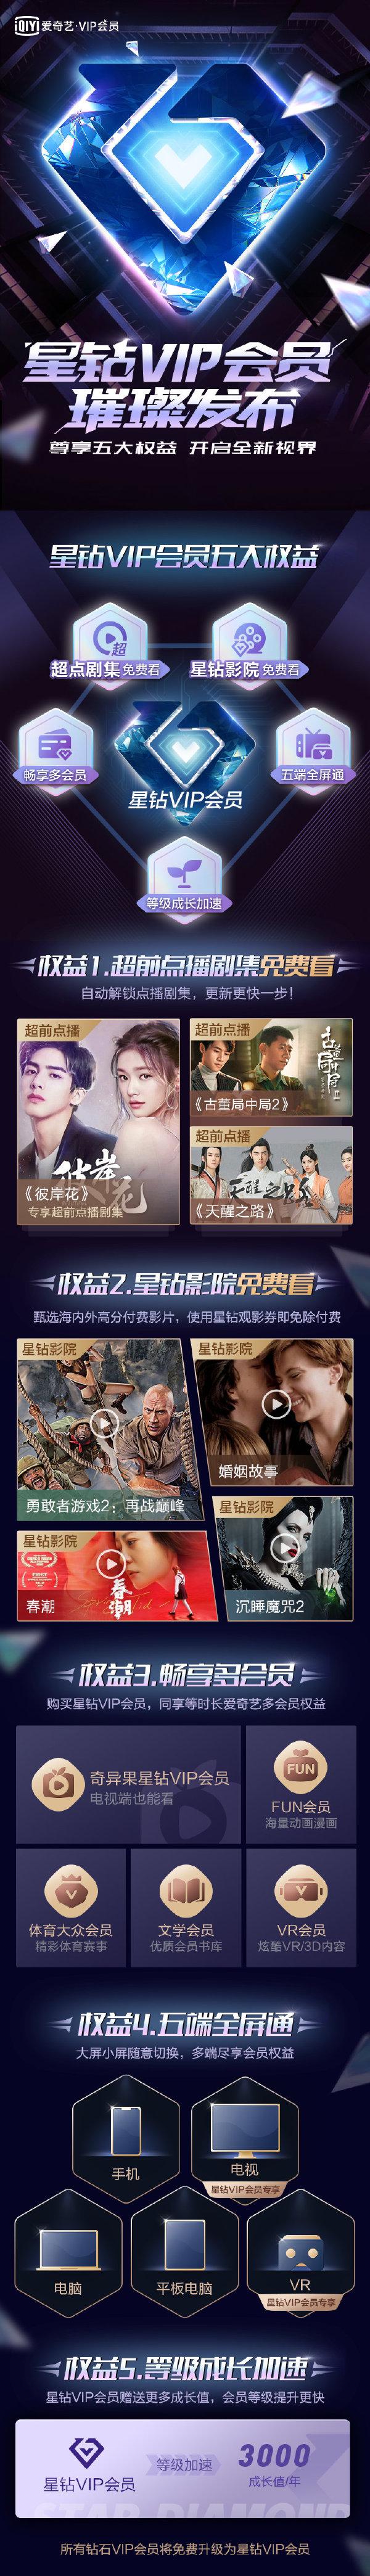 爱奇艺推出星钻VIP 钻石VIP可免费升级 享超前点播等权益图片